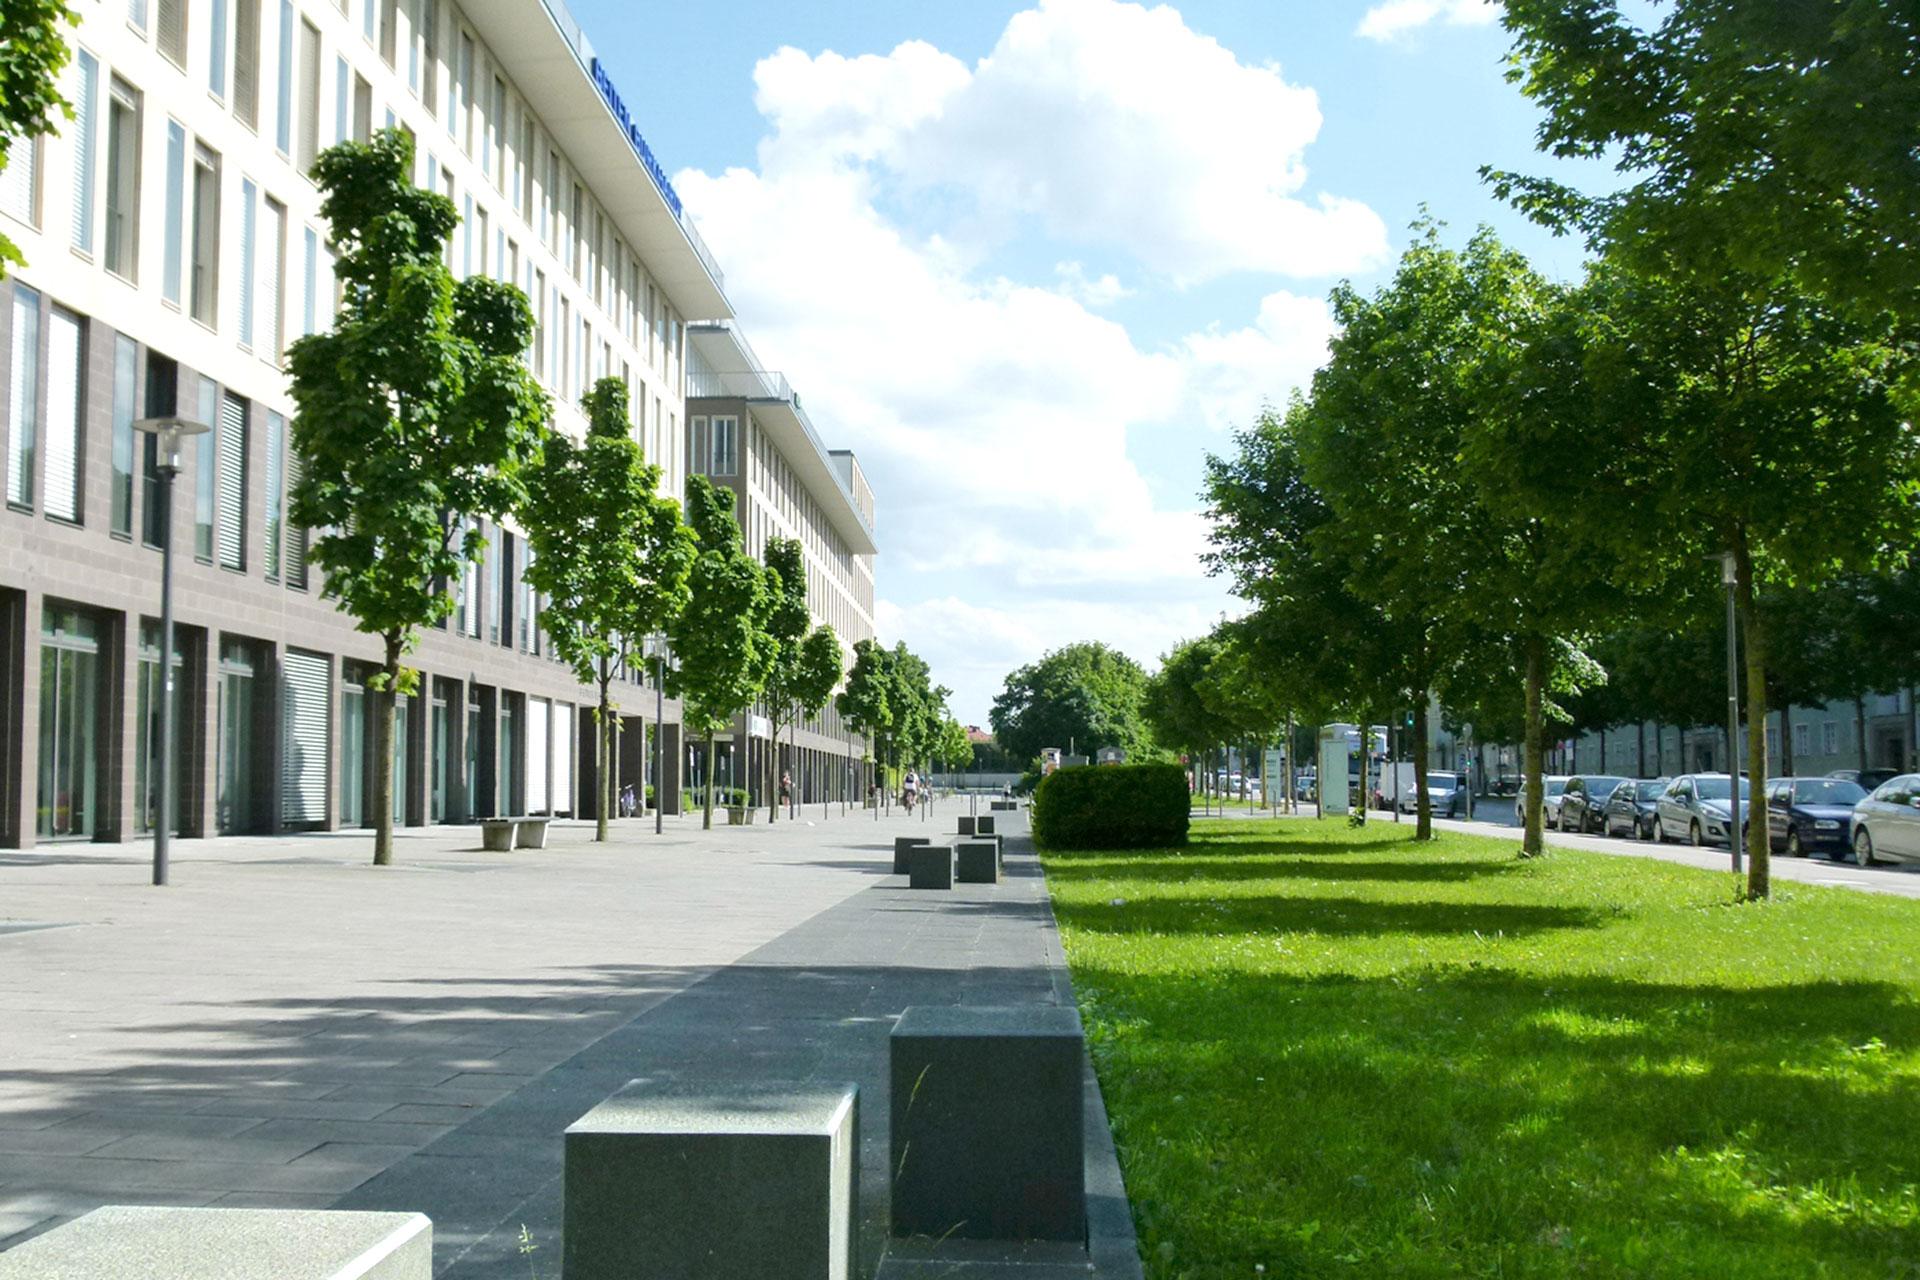 Landschaftsarchitektur München theresienhöhe münchen tdb landschaftsarchitektur